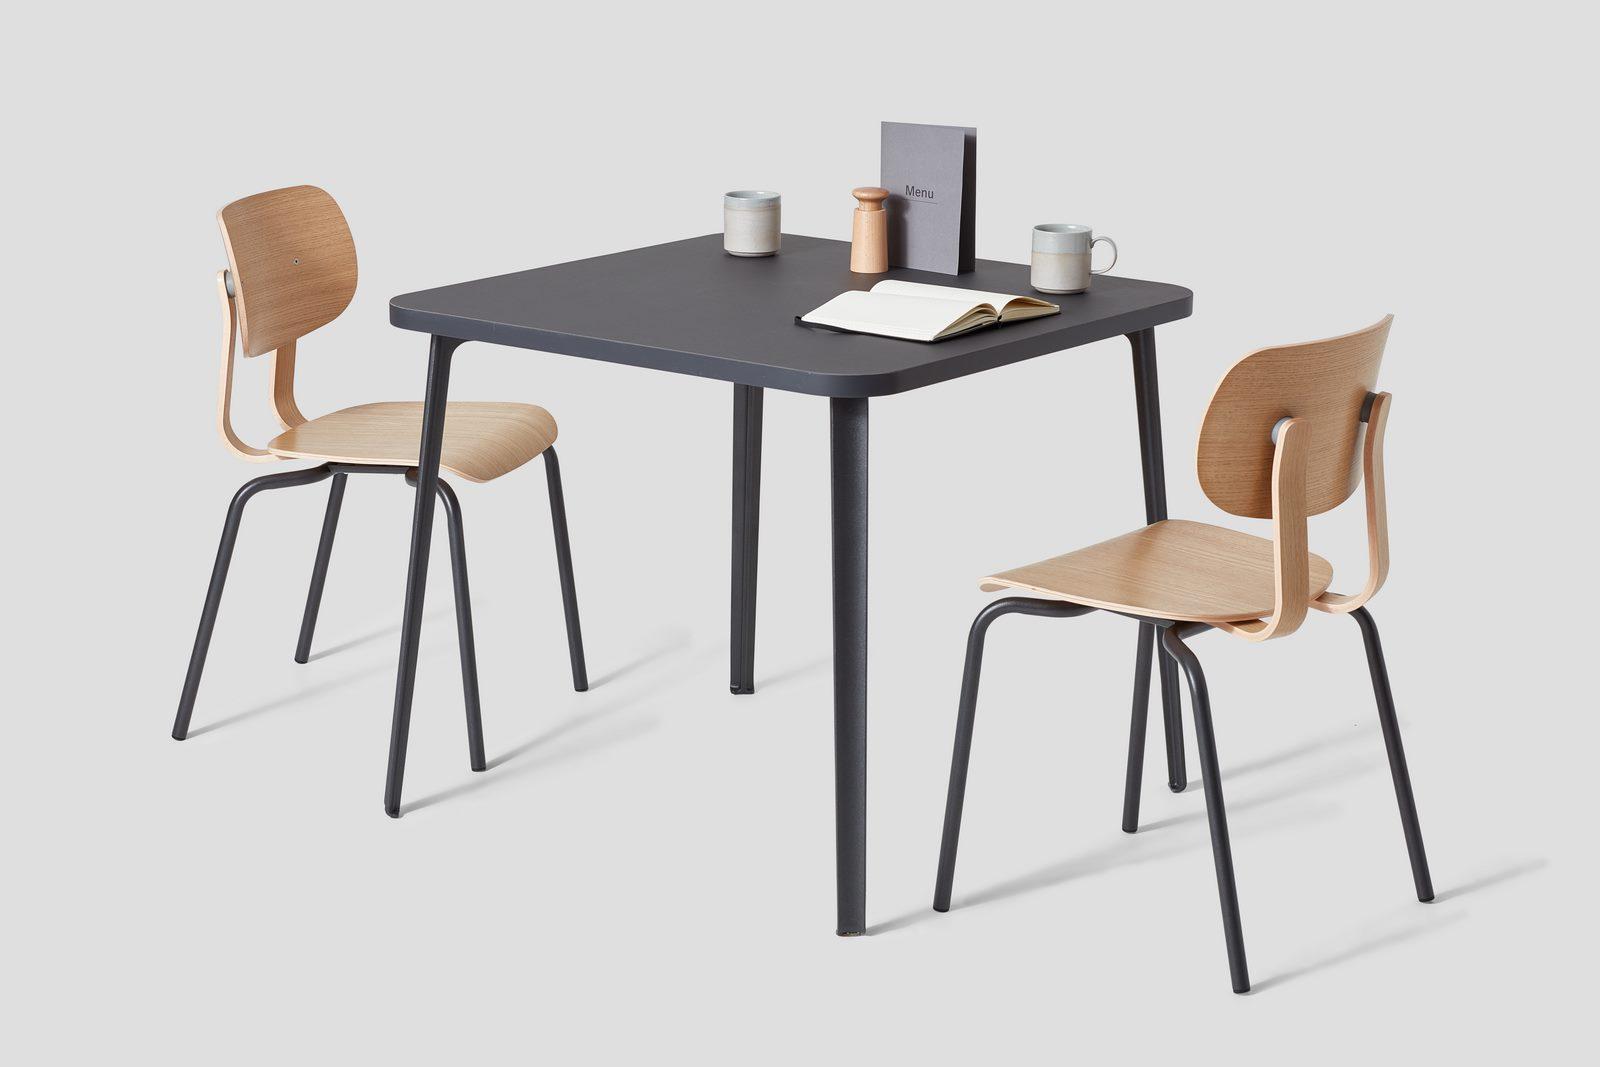 Opciones de Mesas y sillas para comedor 2